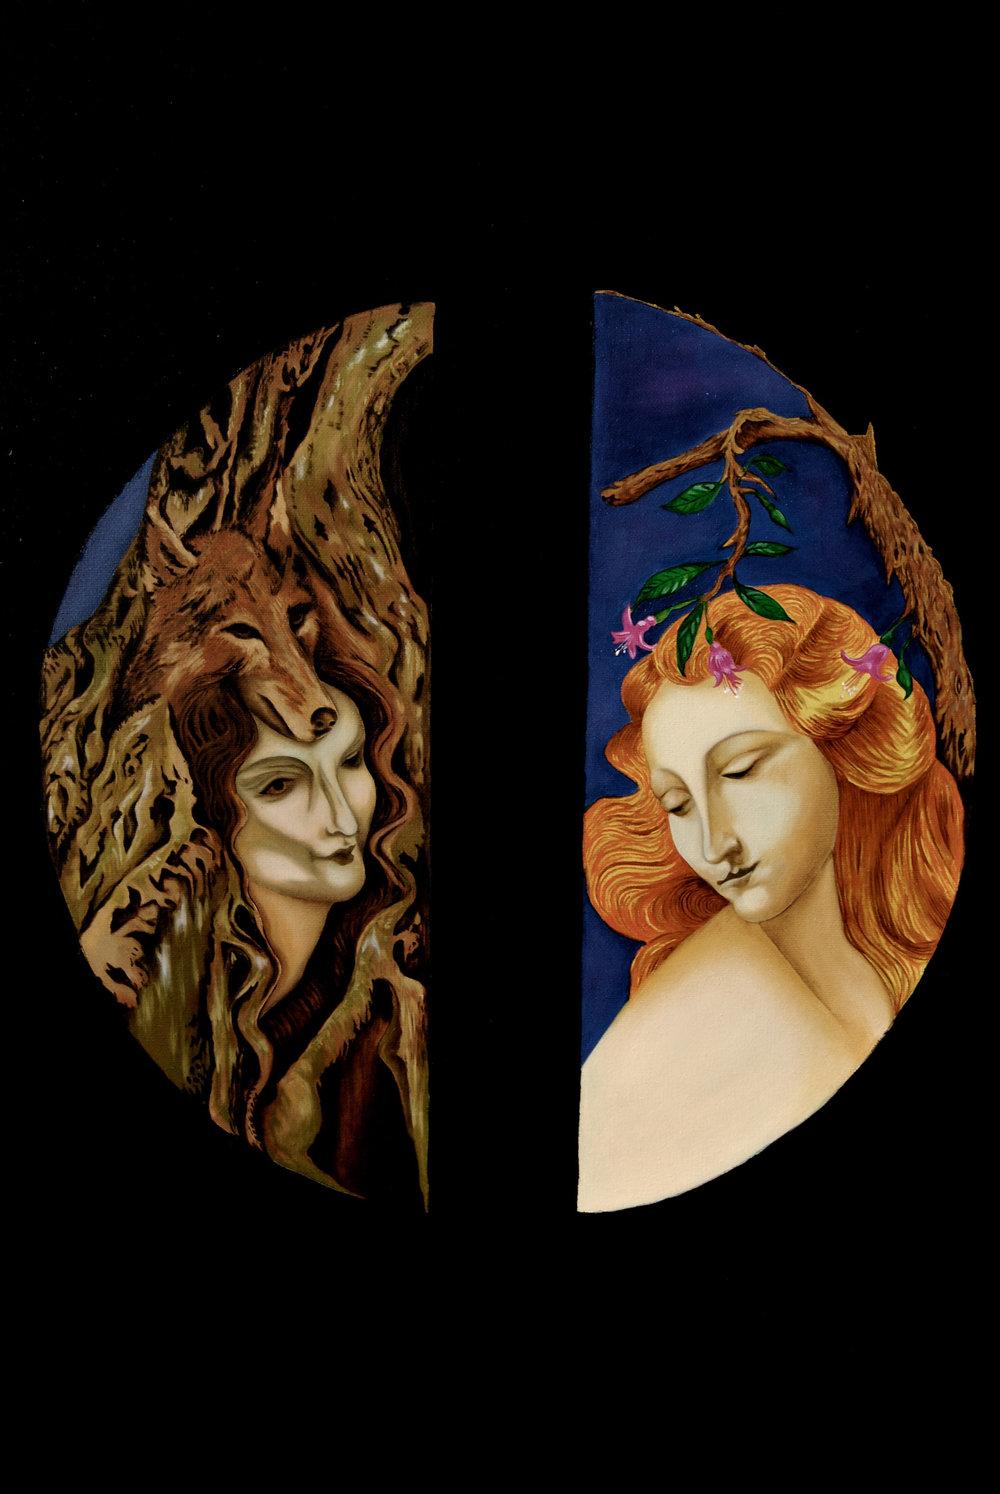 erWilson The dual nature. Kahiketa swamp forest & wild woman. Maiden & the Tree fuchsia_Oil on Canvas_120cmx80cm.jpg